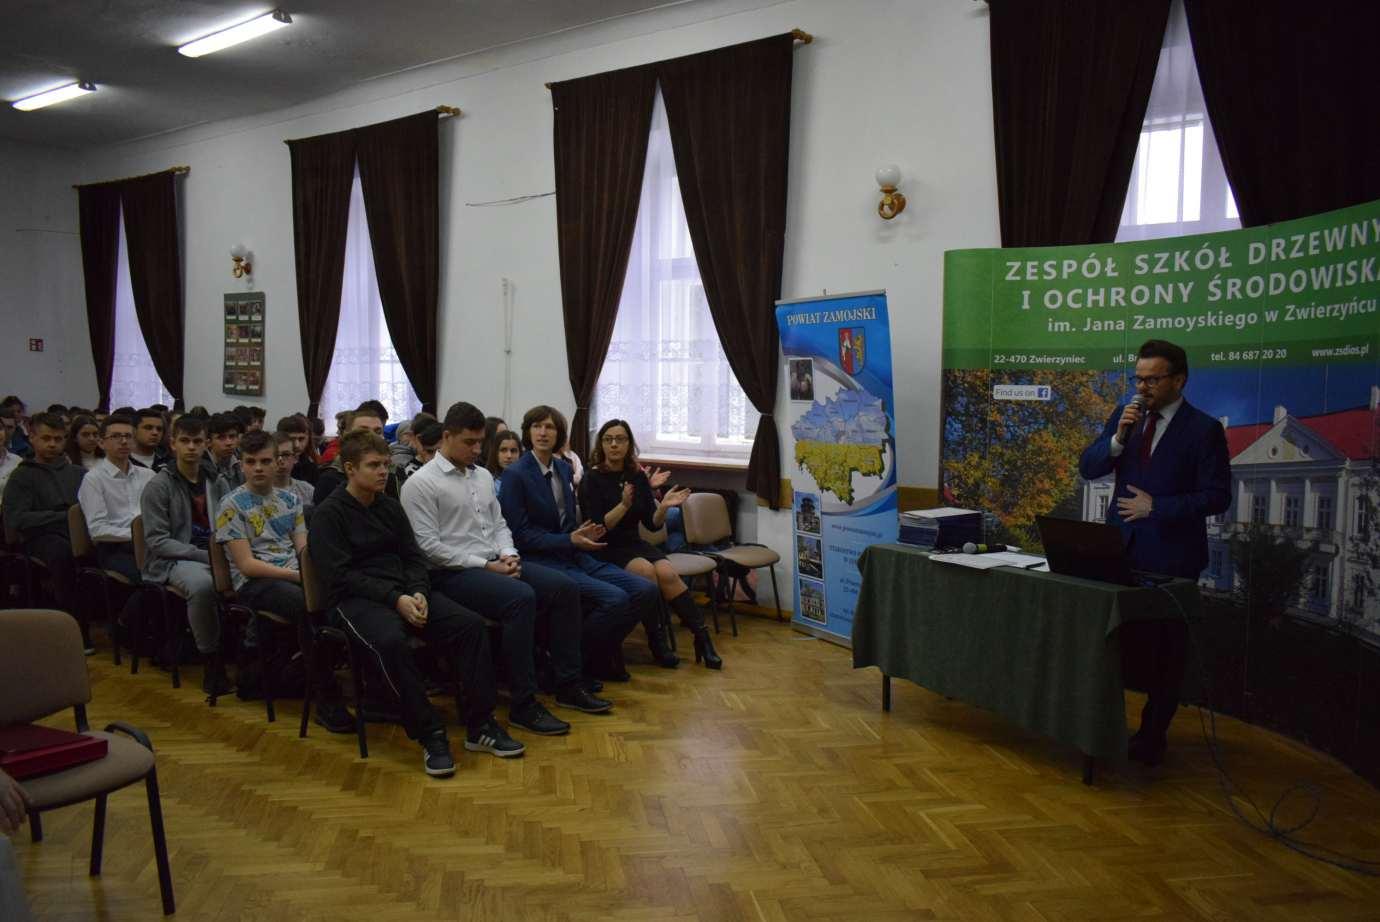 dsc 0727 Zespół Szkół Drzewnych i Ochrony Środowiska w Zwierzyńcu miał co świętować [ZDJĘCIA]